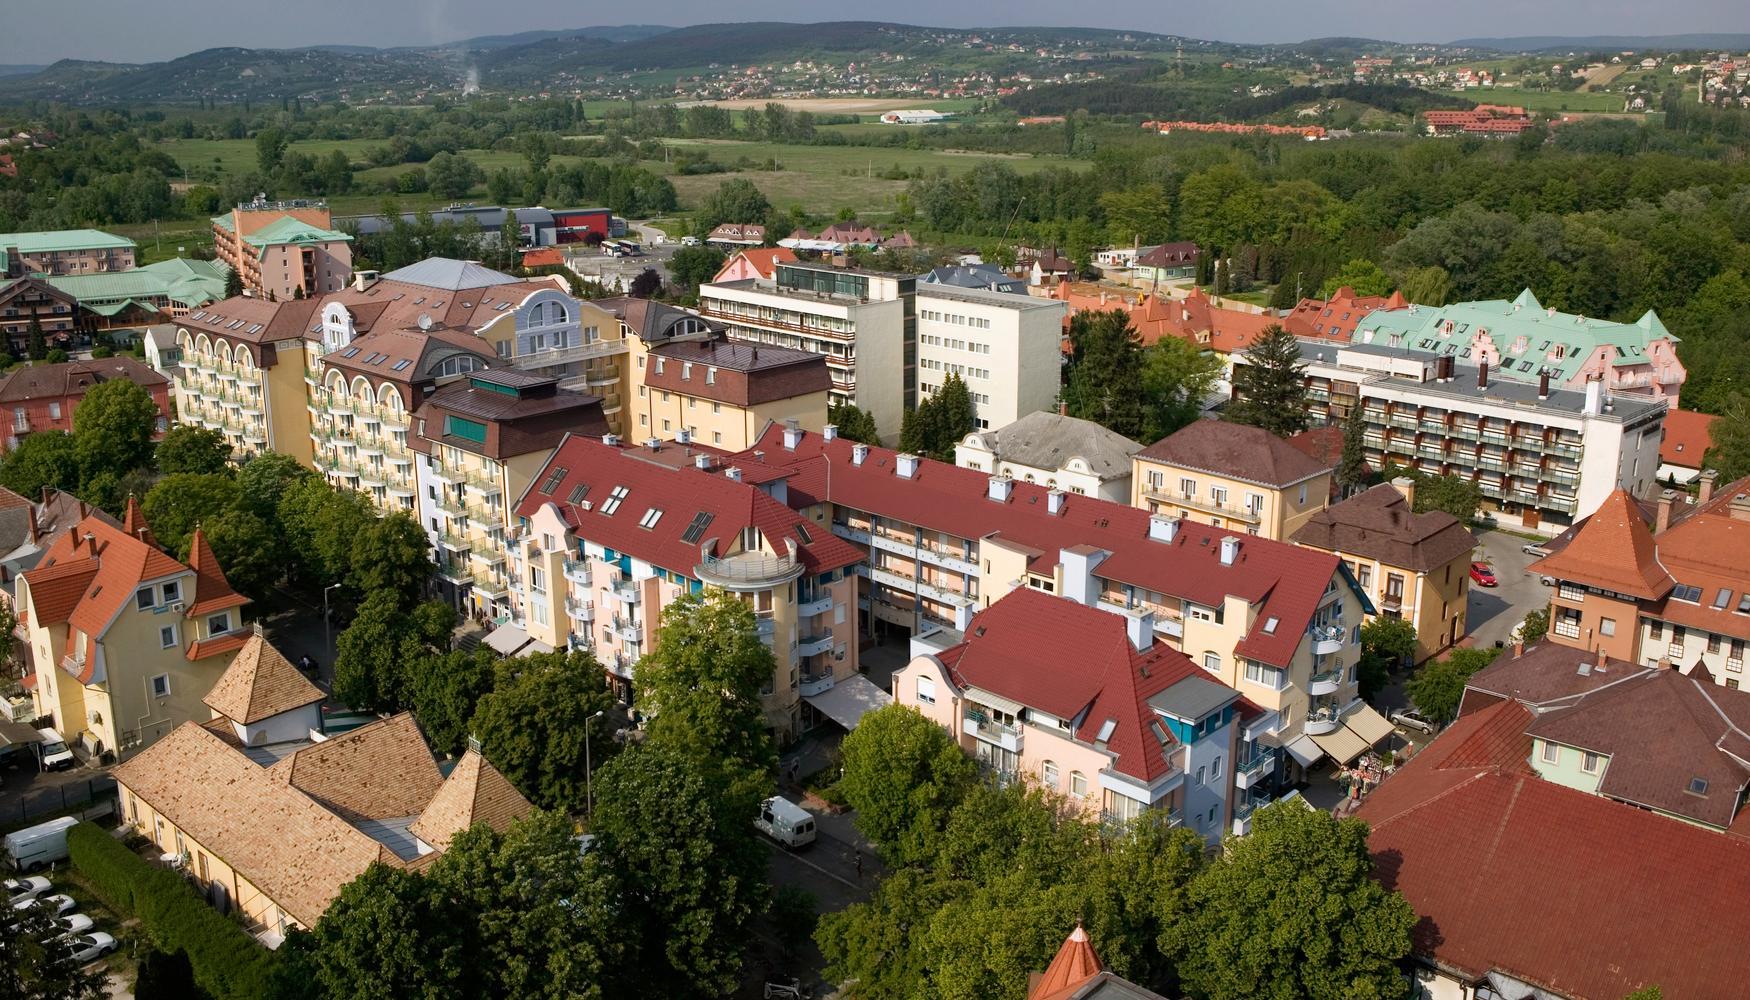 Renta de autos en Hungría